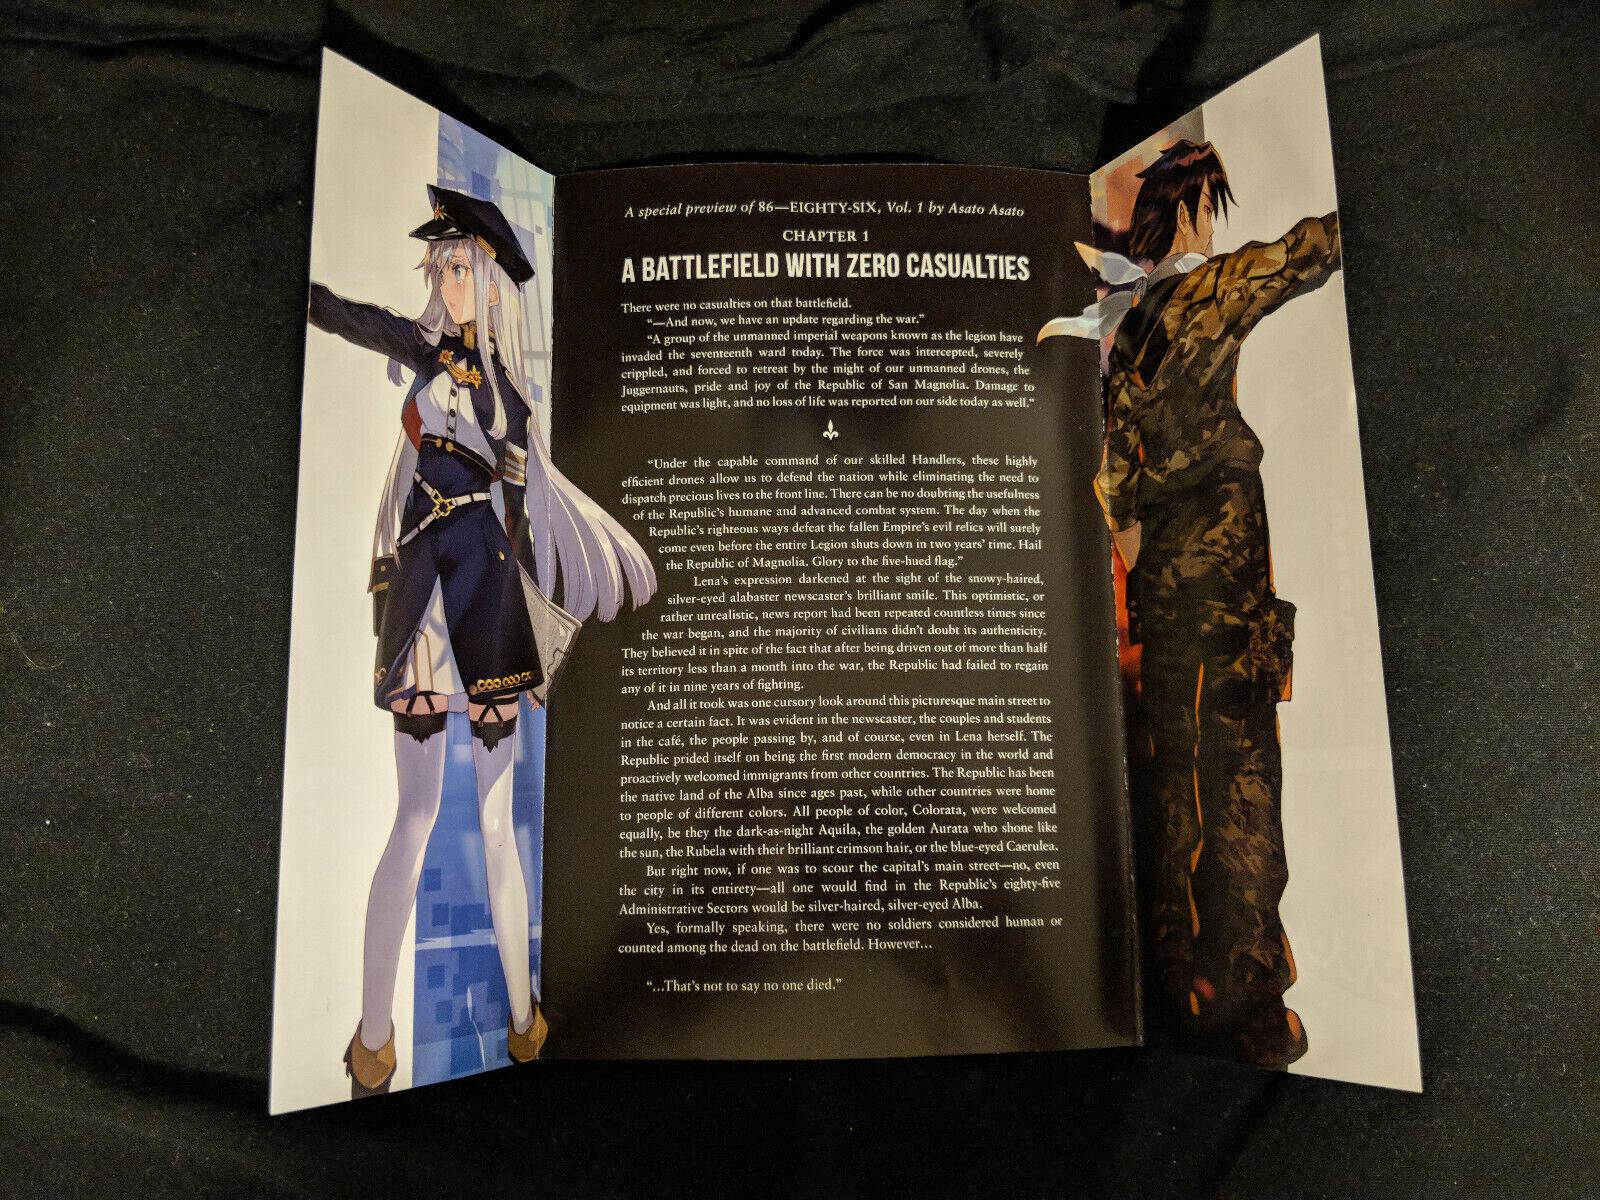 RARE 86 - EIGHTY-SIX Promo Manga Preview Asato Asato Yen Press. Official Promo  - $8.99